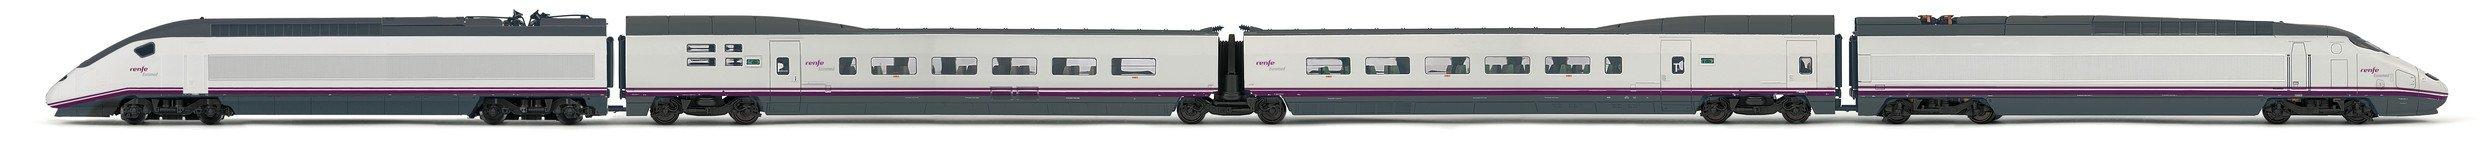 Electrotren EL3522D Model Railway Train Euromed S-101 Renfe Operadora DC Digital